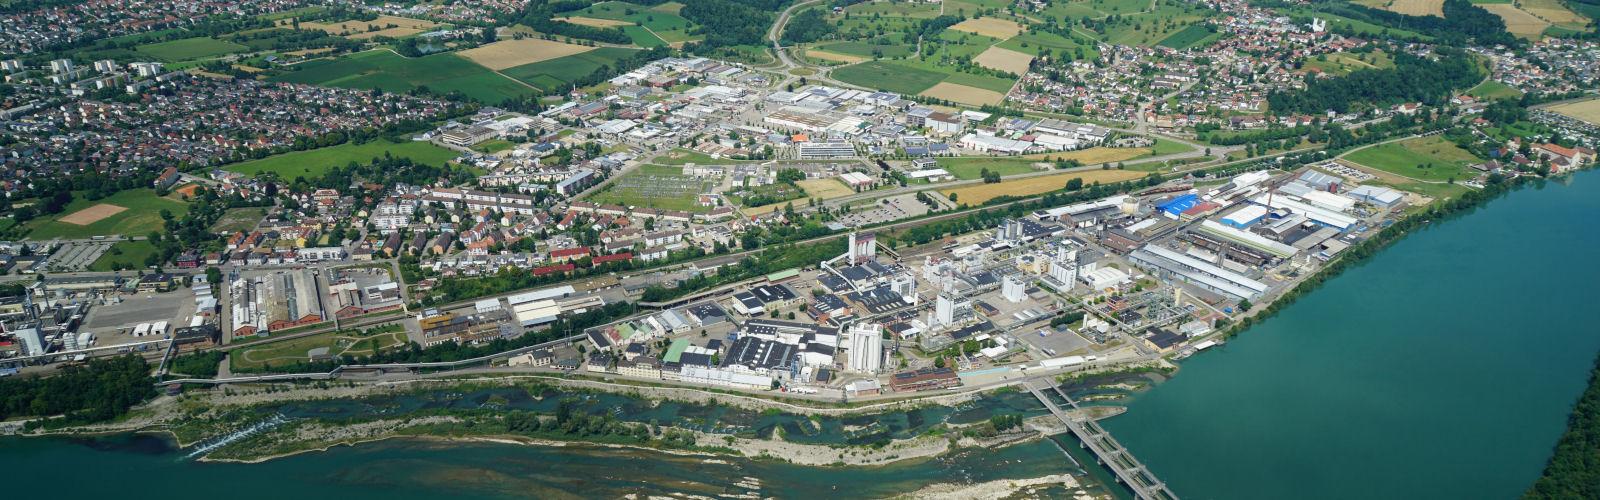 Luftbild Rheinfelden und Minseln